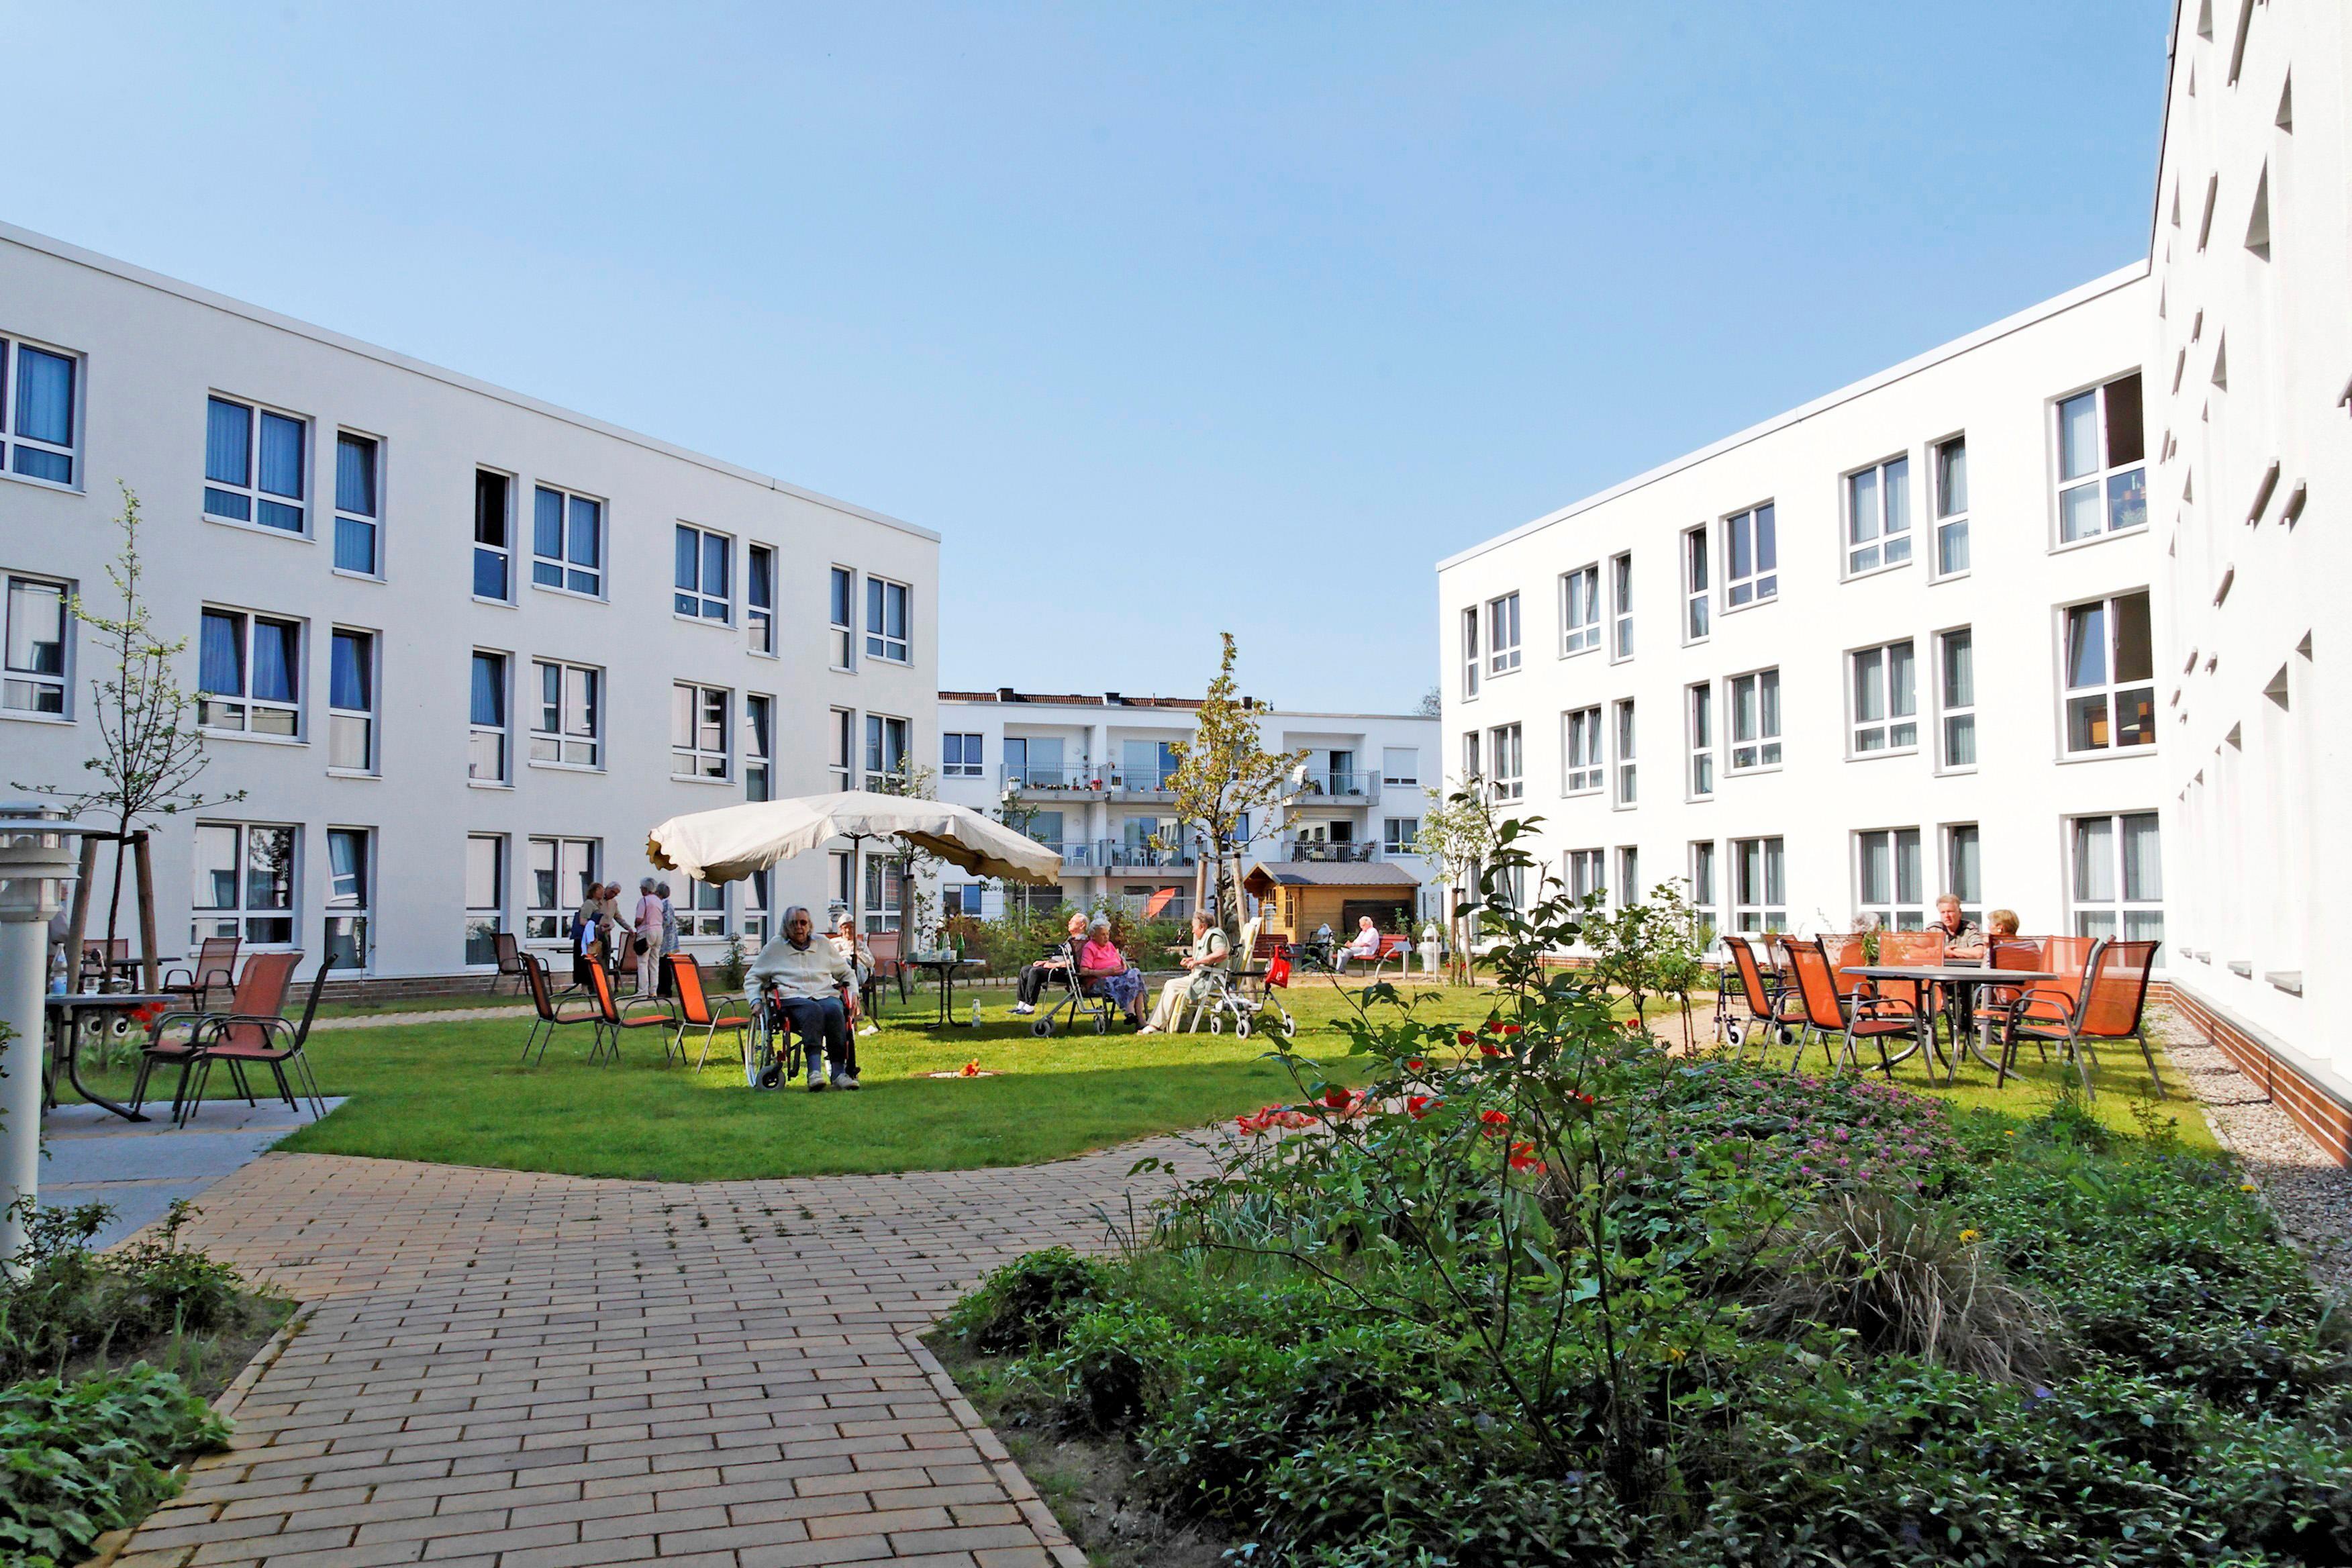 Senioren- und Pflegeeinrichtung Haus Lübeck NDS gGmbH